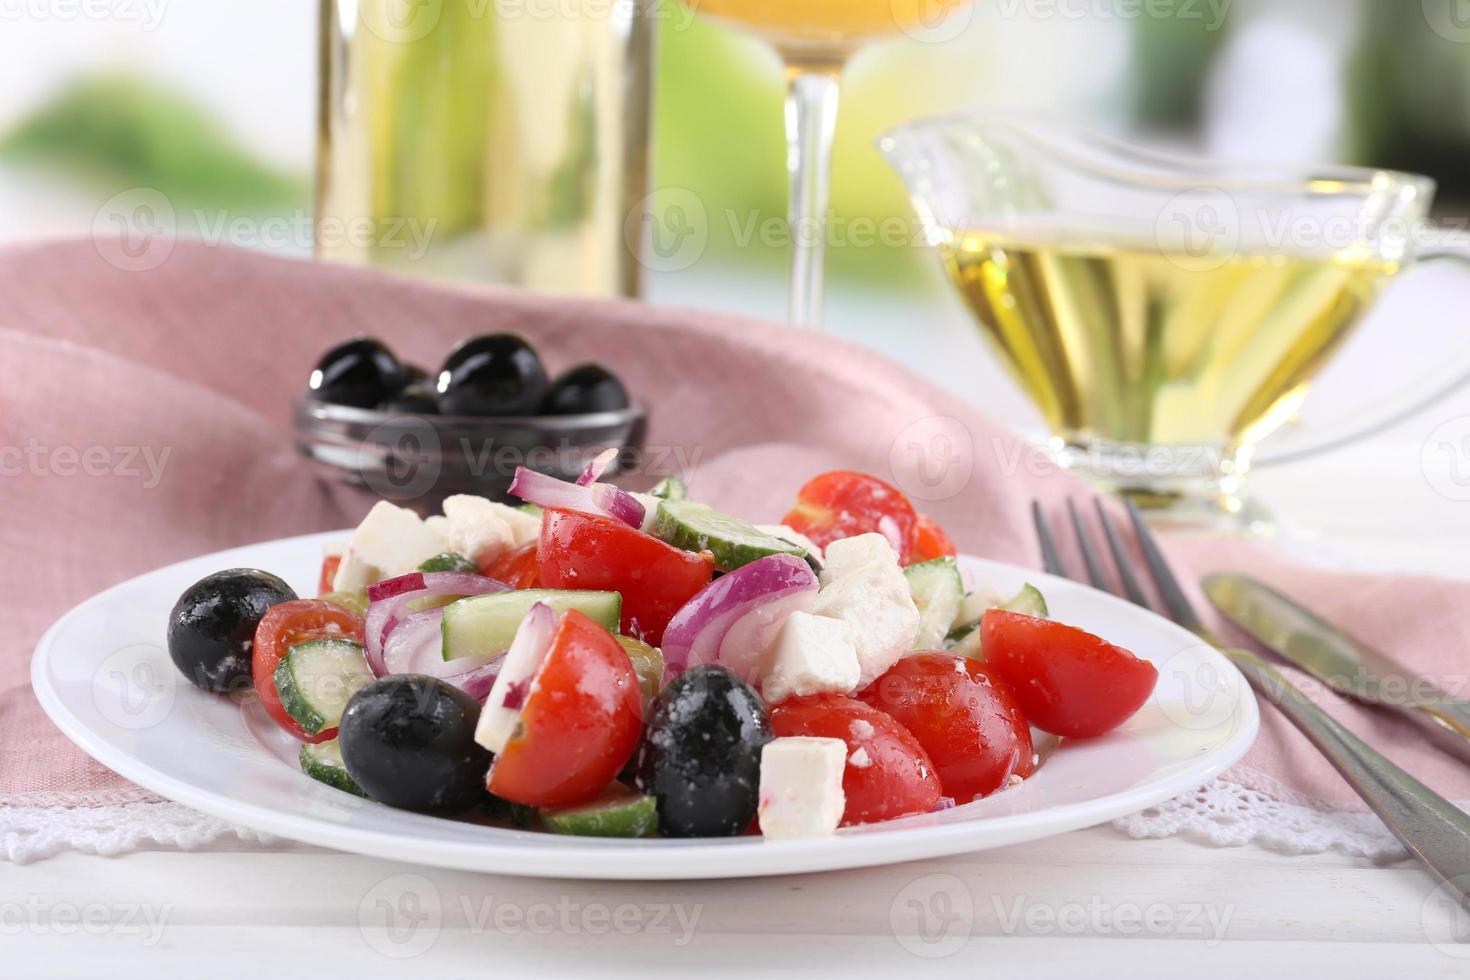 Griekse salade geserveerd in plaat met wijn op tafel foto